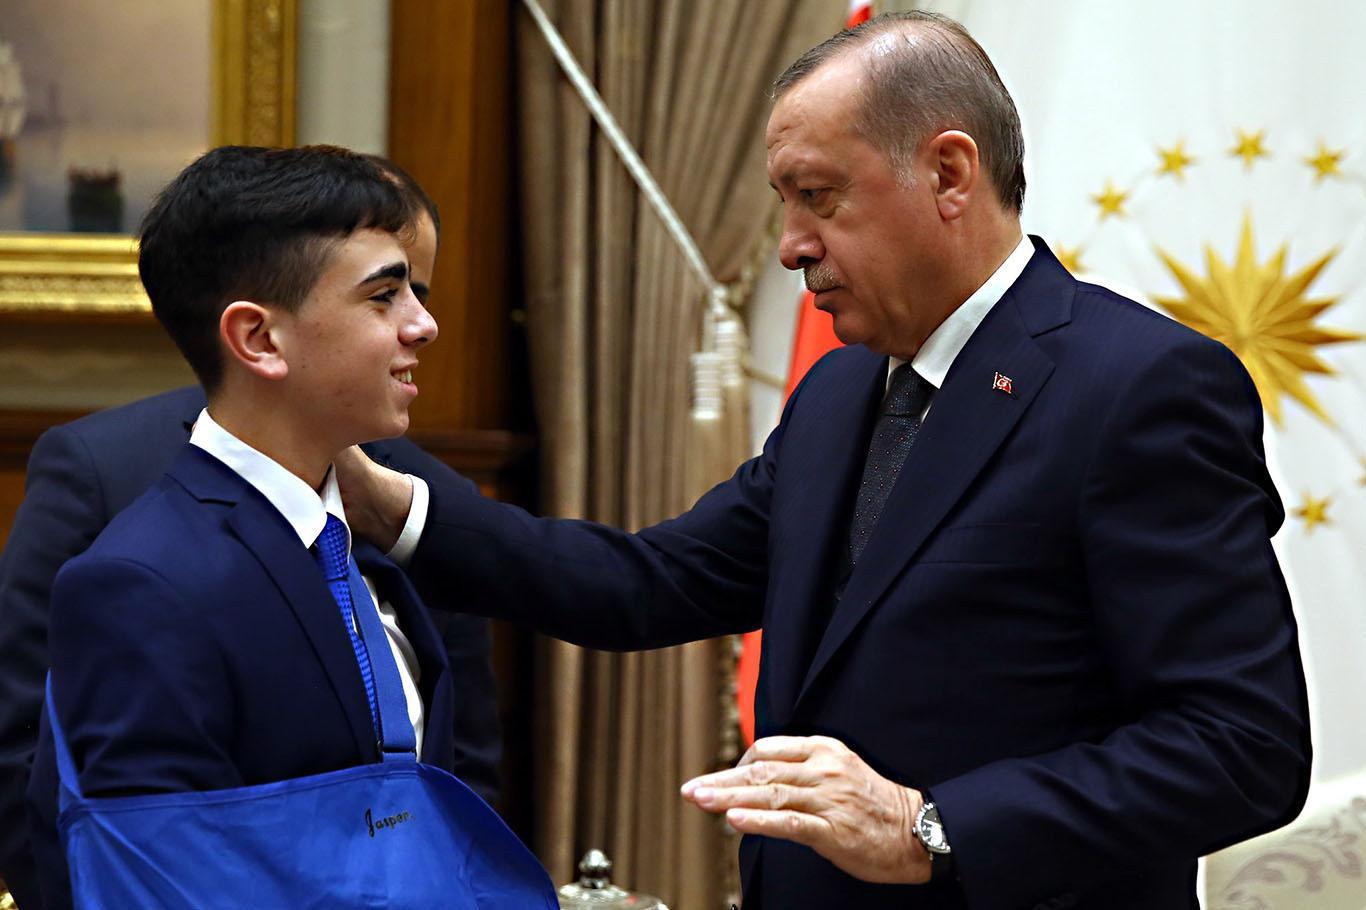 Presiden Erdoğan Hadiahi Remaja Palestina Ini Ponsel iPhone, Siapakah Dia?